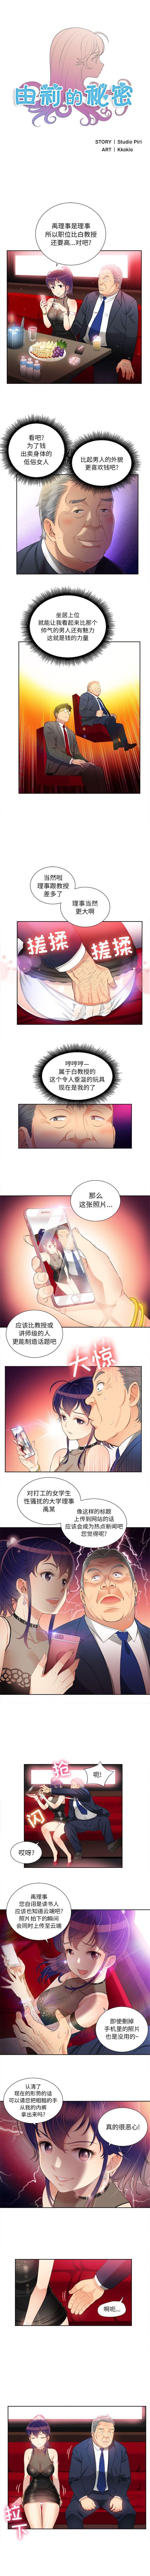 由莉的秘密1-60 中文翻译 (更新中) 82